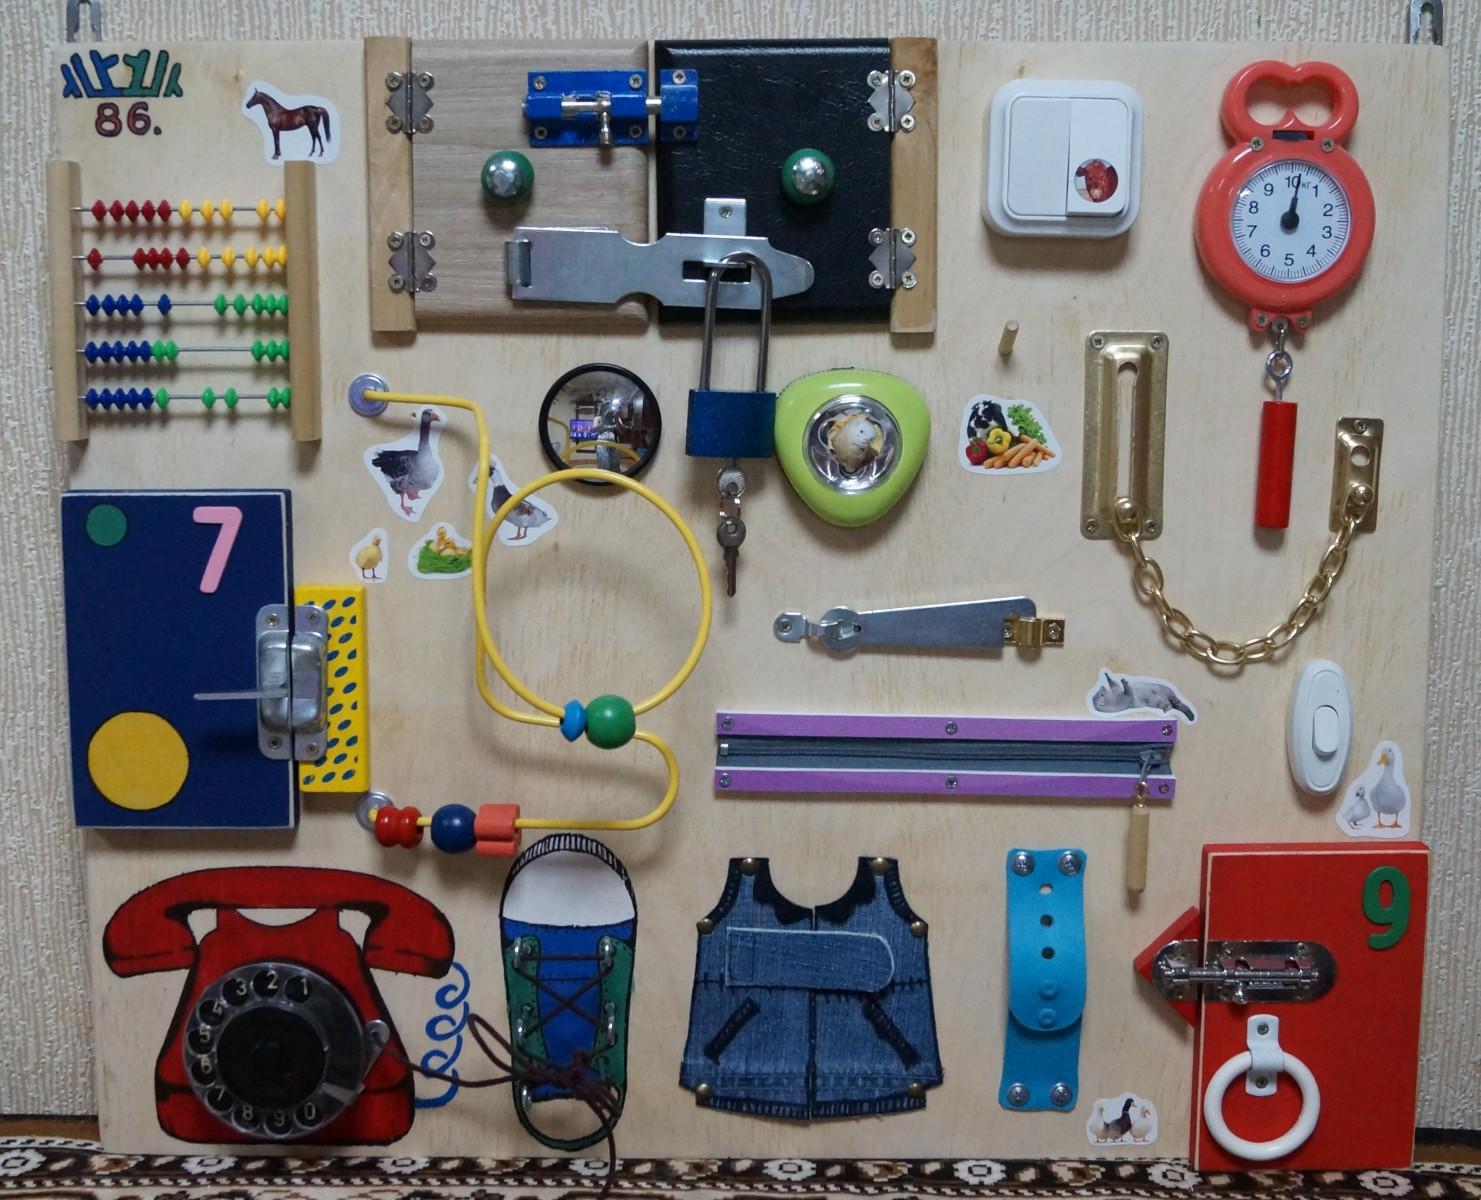 Игрушки для развития мелкой моторики рук ребенка 64